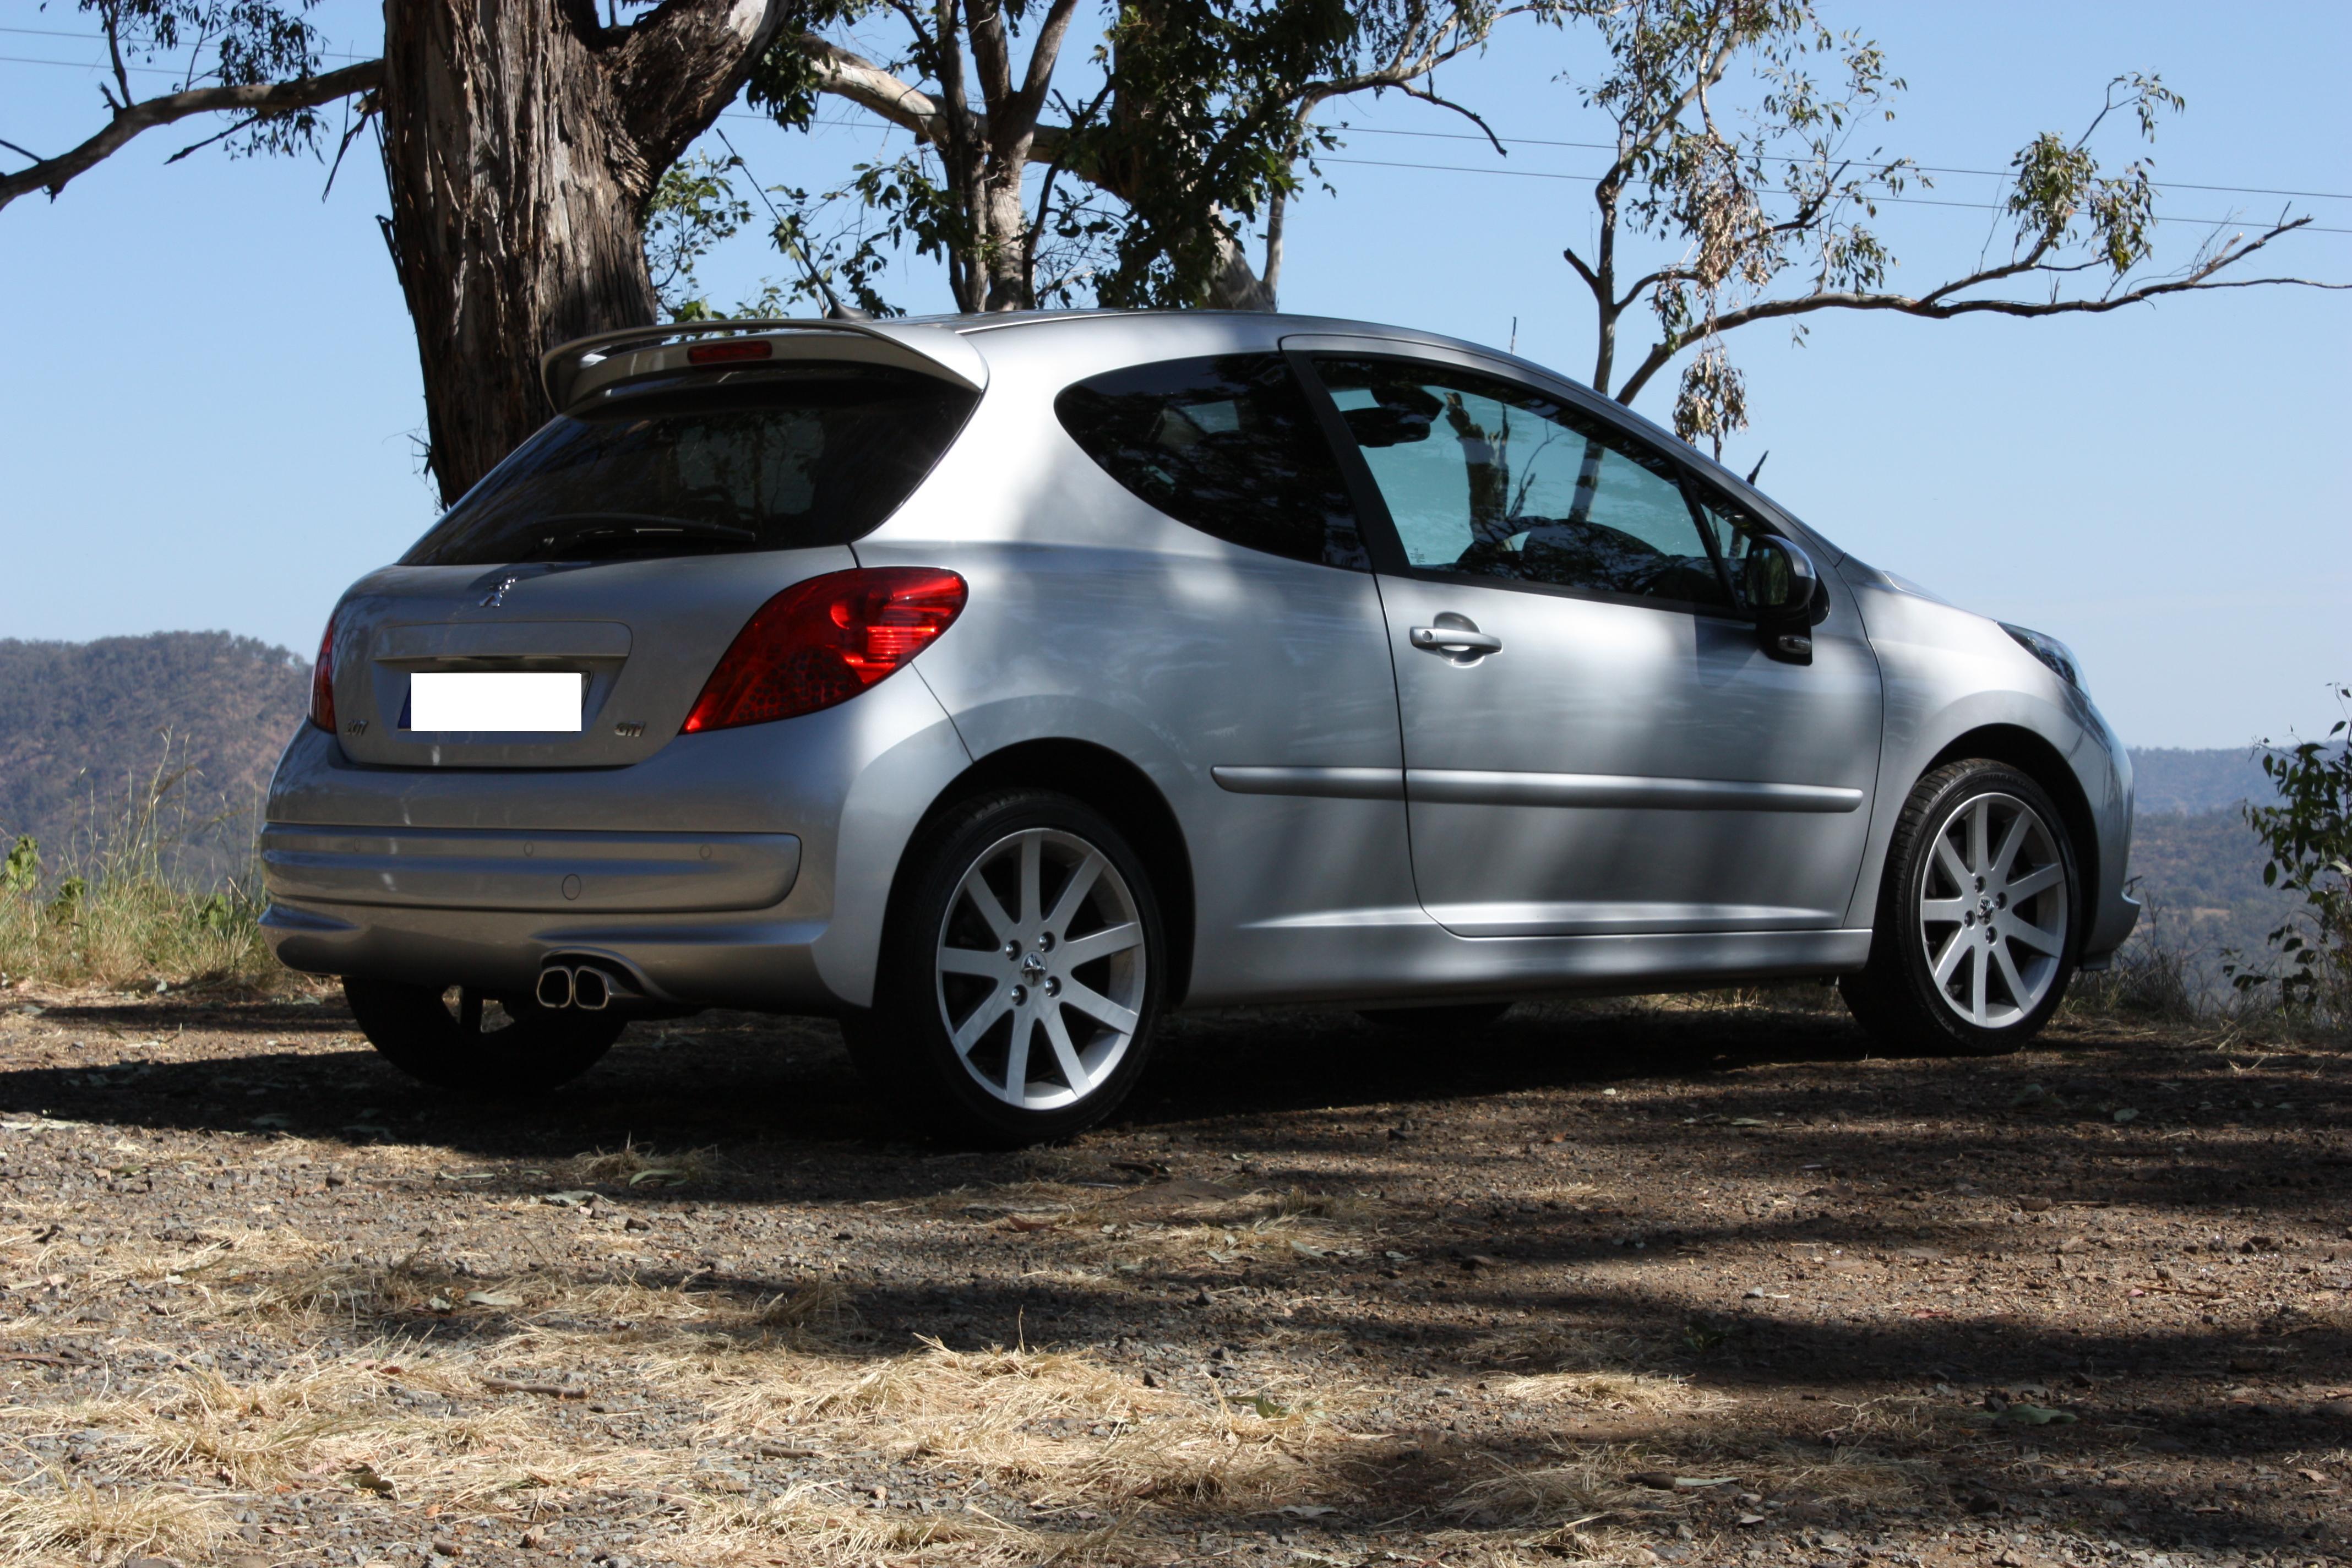 207 Gti Owner U0026 39 S Peugeot